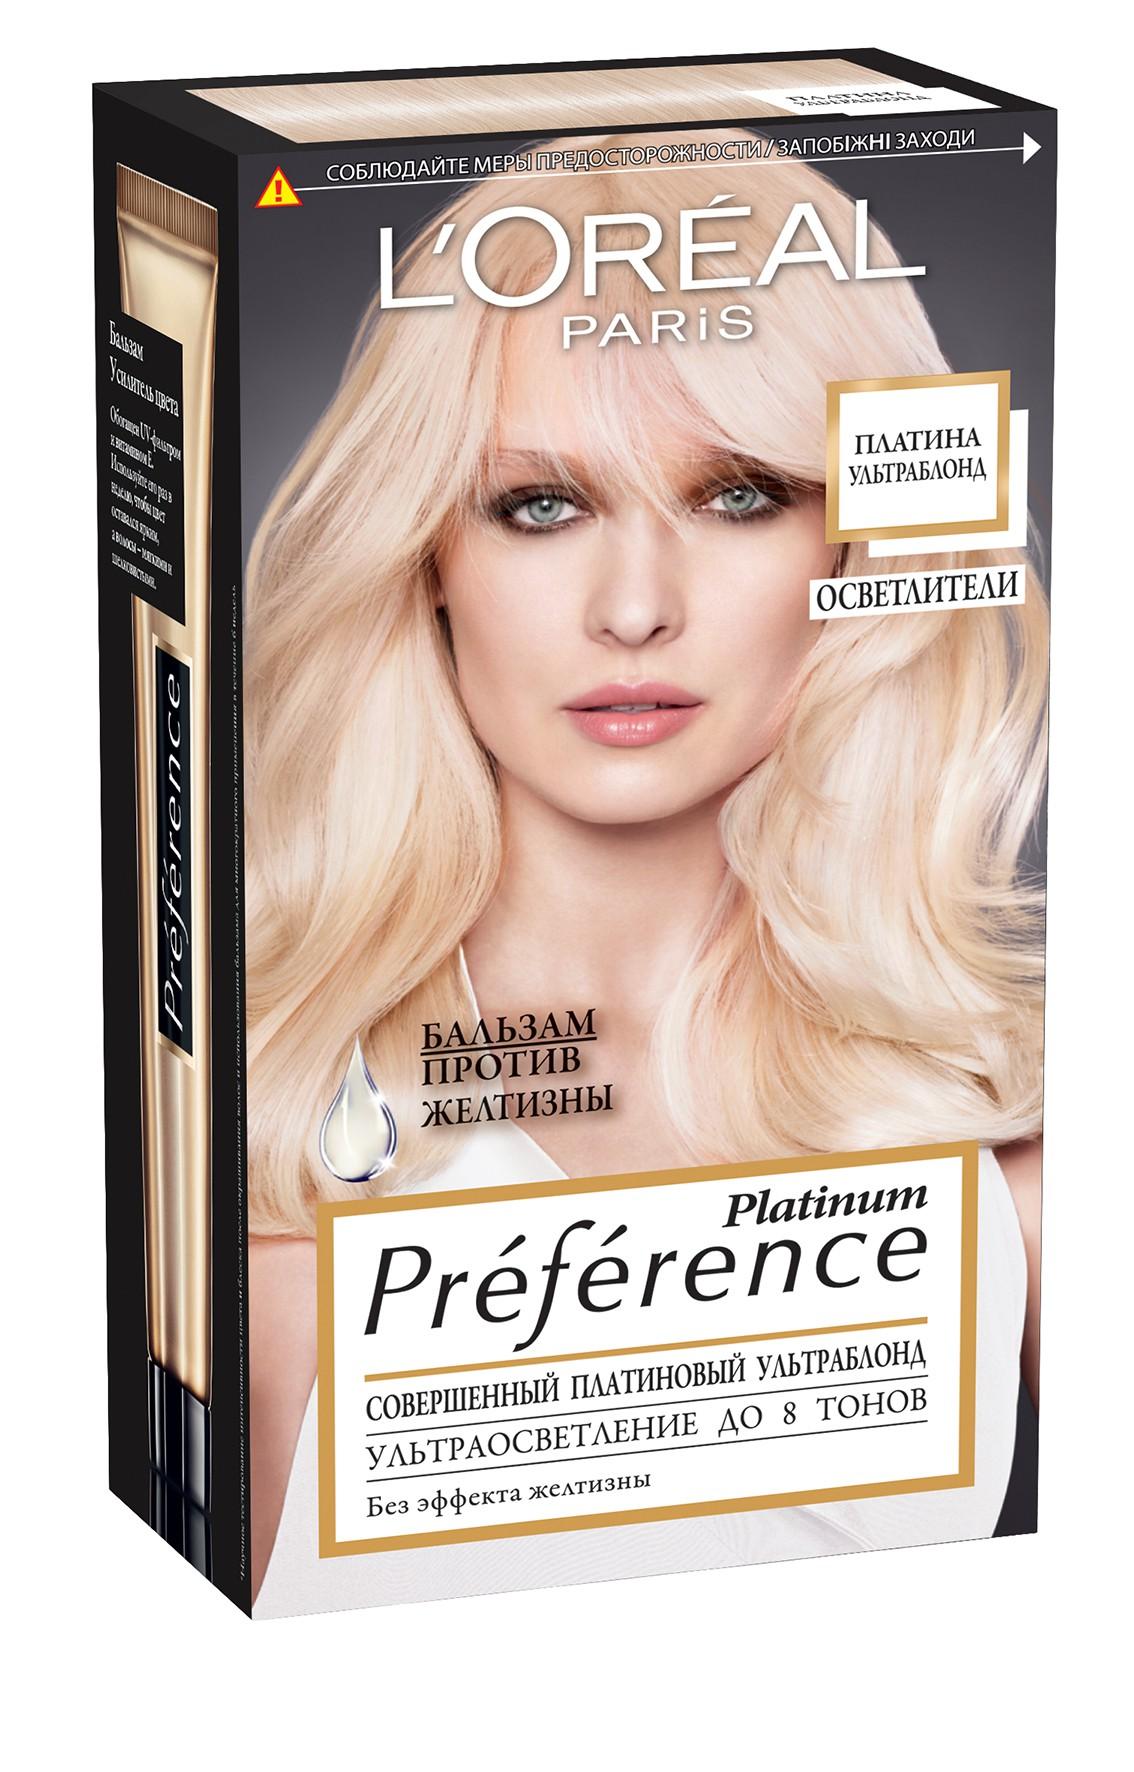 LOreal Paris Стойкая краска для волос Preference, Платина Ультраблонд, 8 тонов осветленияC4531010Последнее поколение средств для достижения совершенного ПЛАТИНОВОГО УЛЬТРАБЛОНДА - краска Preference Platinum от LOreal Paris. Инновационная формула осветляет волосы до 8-ми тонов. Превосходный результат окрашивания волос дома! Бальзам обогащен холодными красителями ПРОТИВ ЖЕЛТИЗНЫ. Комплекс ЭКСТРА-БЛЕСК обеспечивает роскошное сияние надолго! В состав упаковки входит: тюбик с осветляющим кремом (25 мл), флакон с проявляющим кремом (75 мл), упаковка осветляющего порошка (22 г), бальзам против желтизны (54 мл), инструкция по применению, пара перчаток.1. Стойкий сияющий цвет 2. Делает волосы мягкими и шелковистыми 3. Полное закрашивание седины